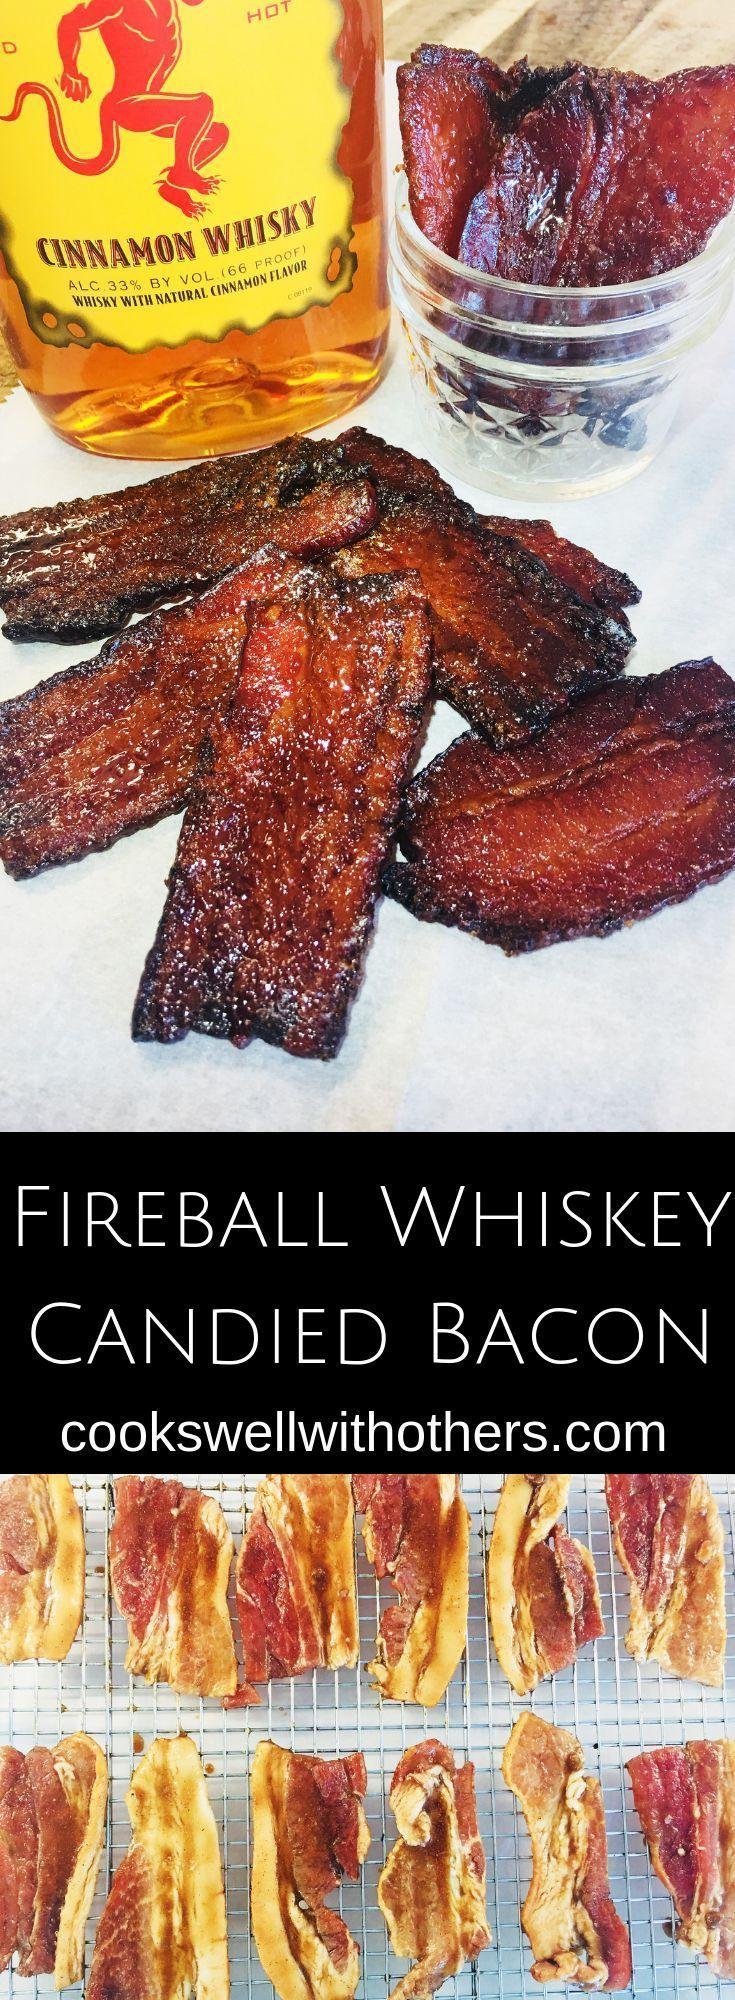 Bacon cristalizado com uísque de bola de fogo Essas mordidas de abacaxi embrulhadas em bacon com a